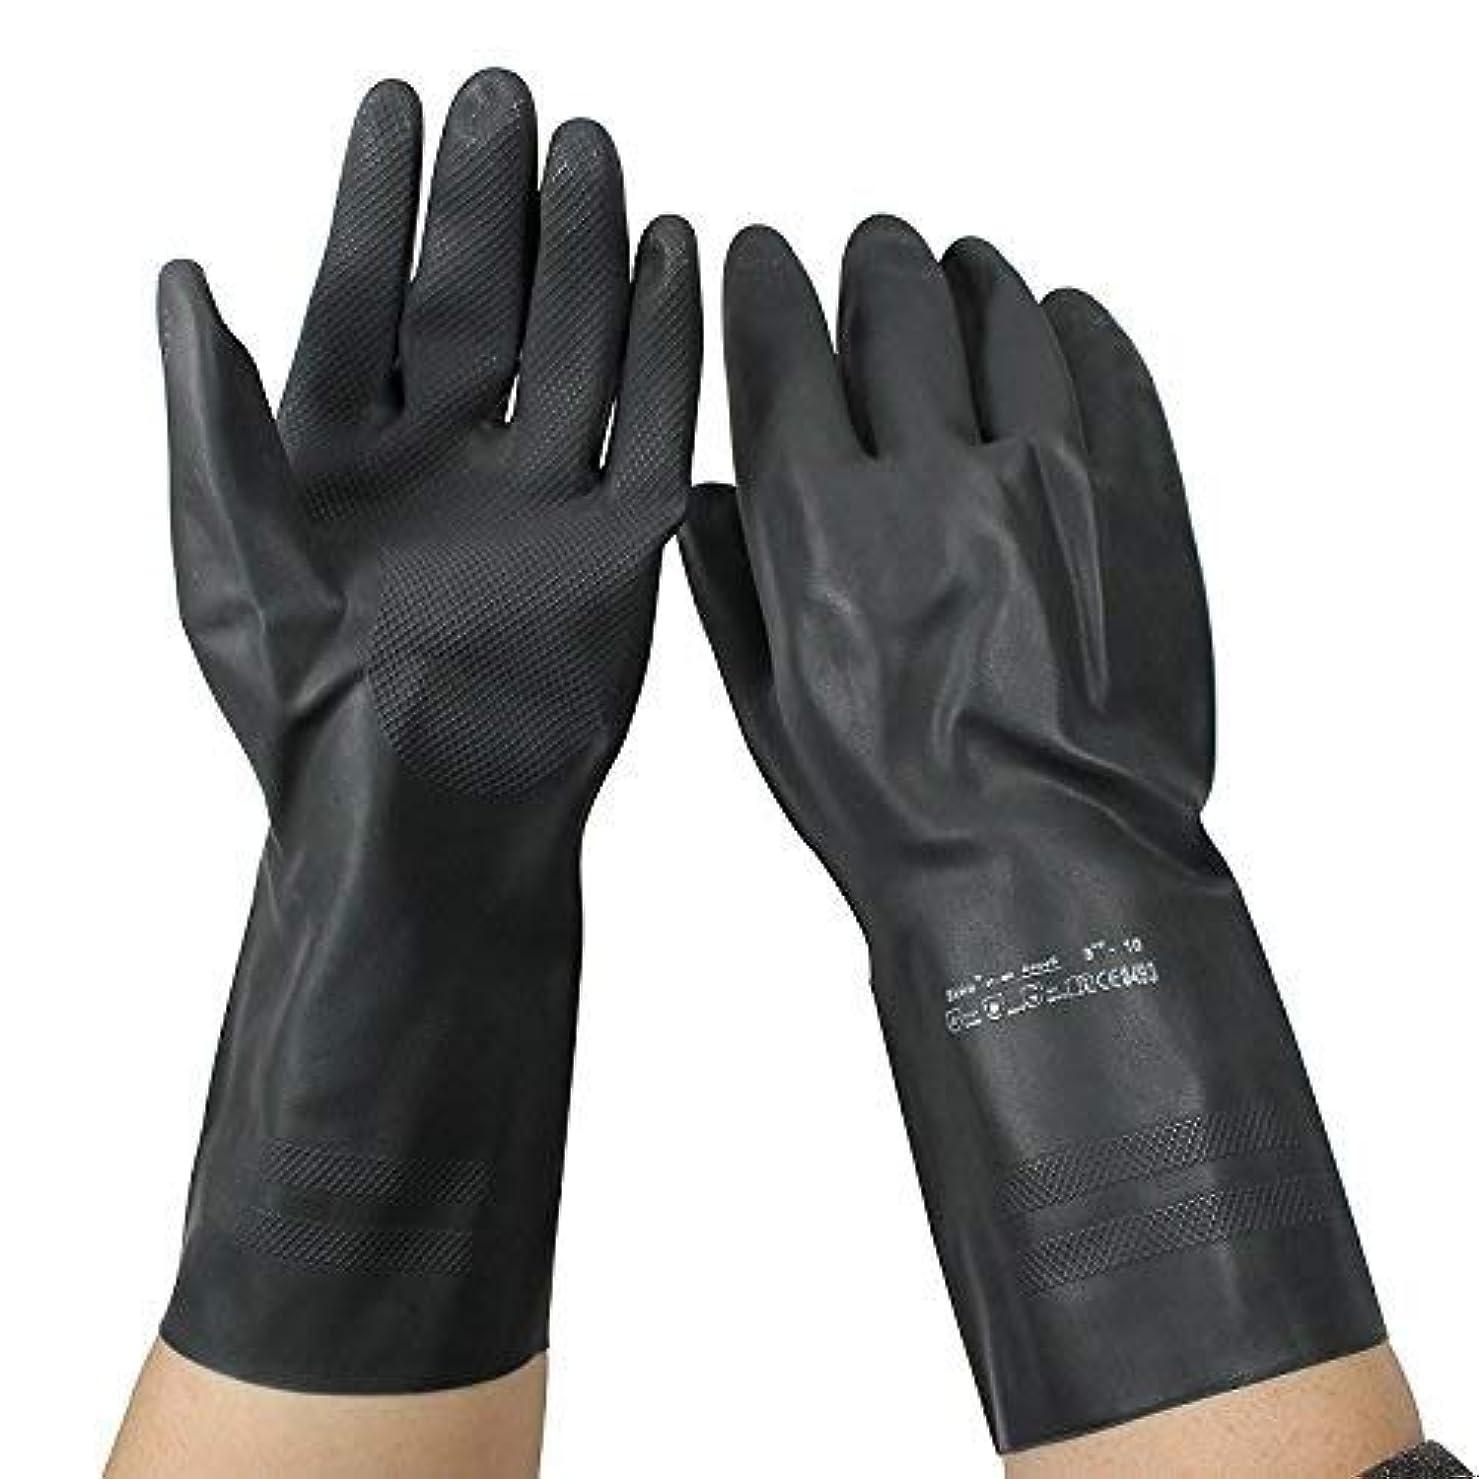 承知しました方言記者TYTZSM ゴム手袋/溶接断熱労働保護手袋